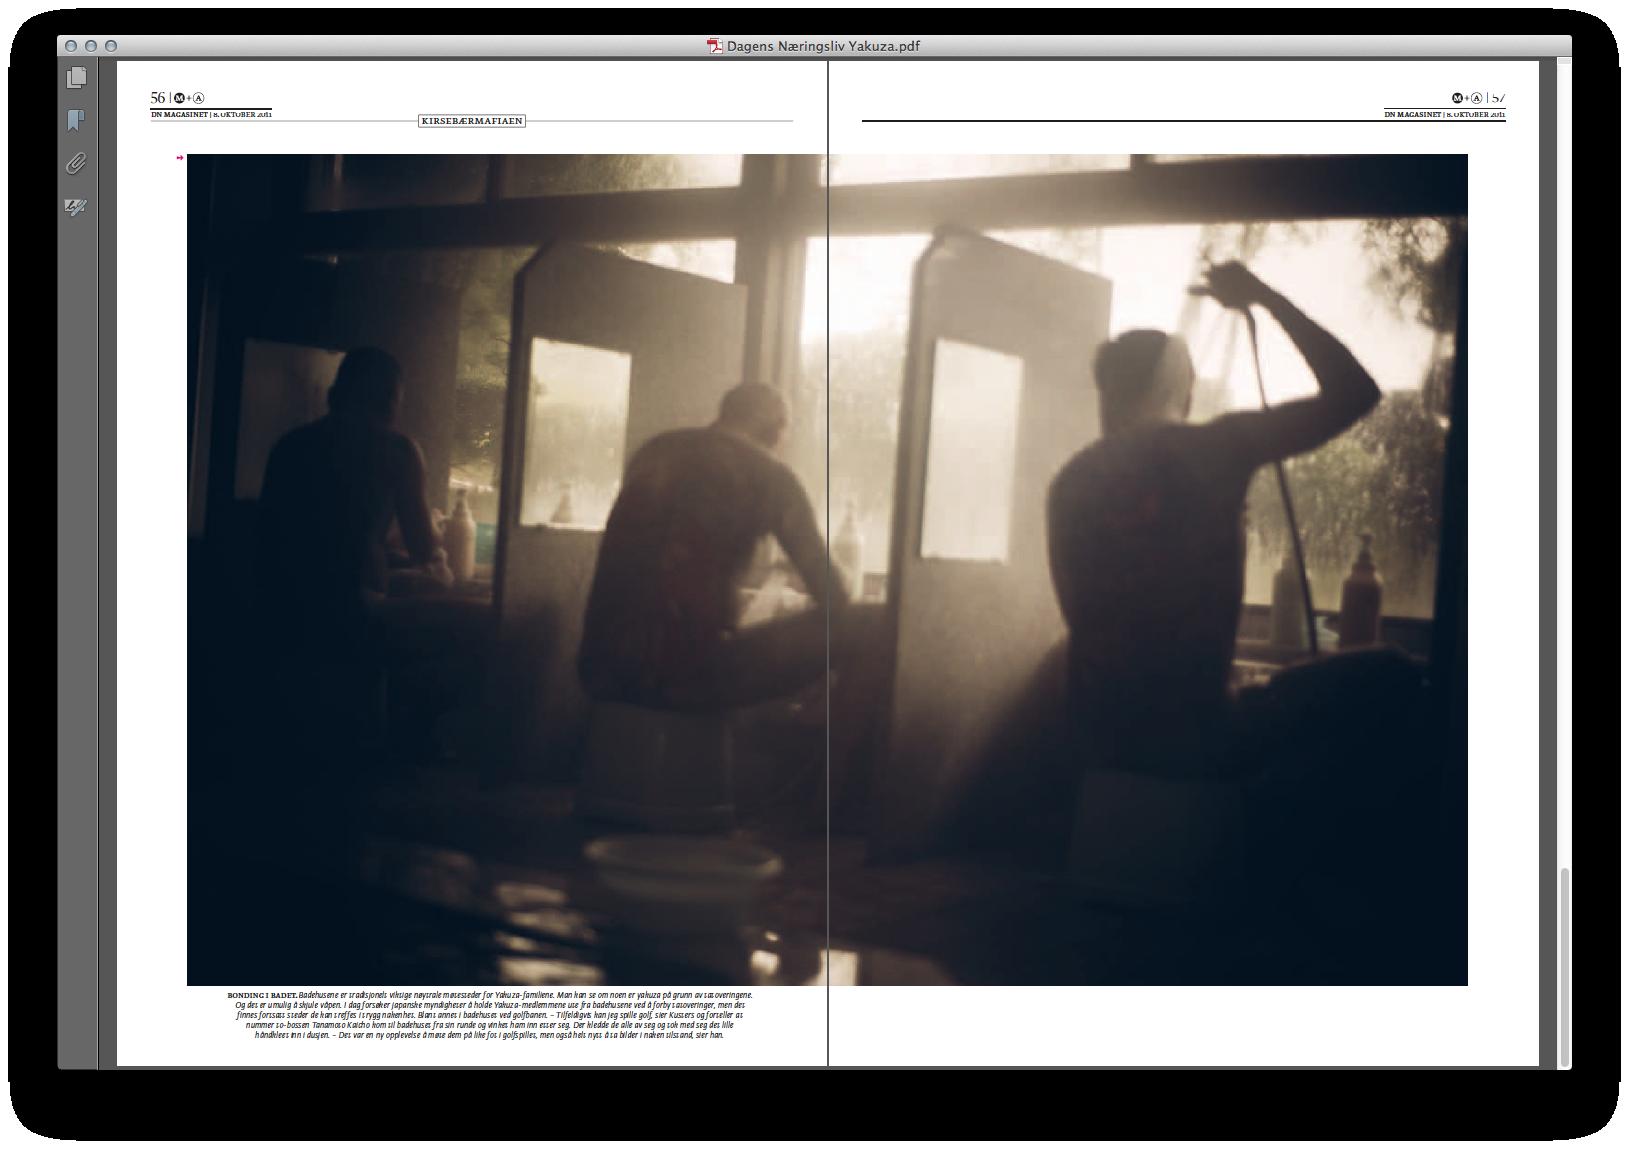 Screen-Shot-2012-02-12-at-14.44.50.png